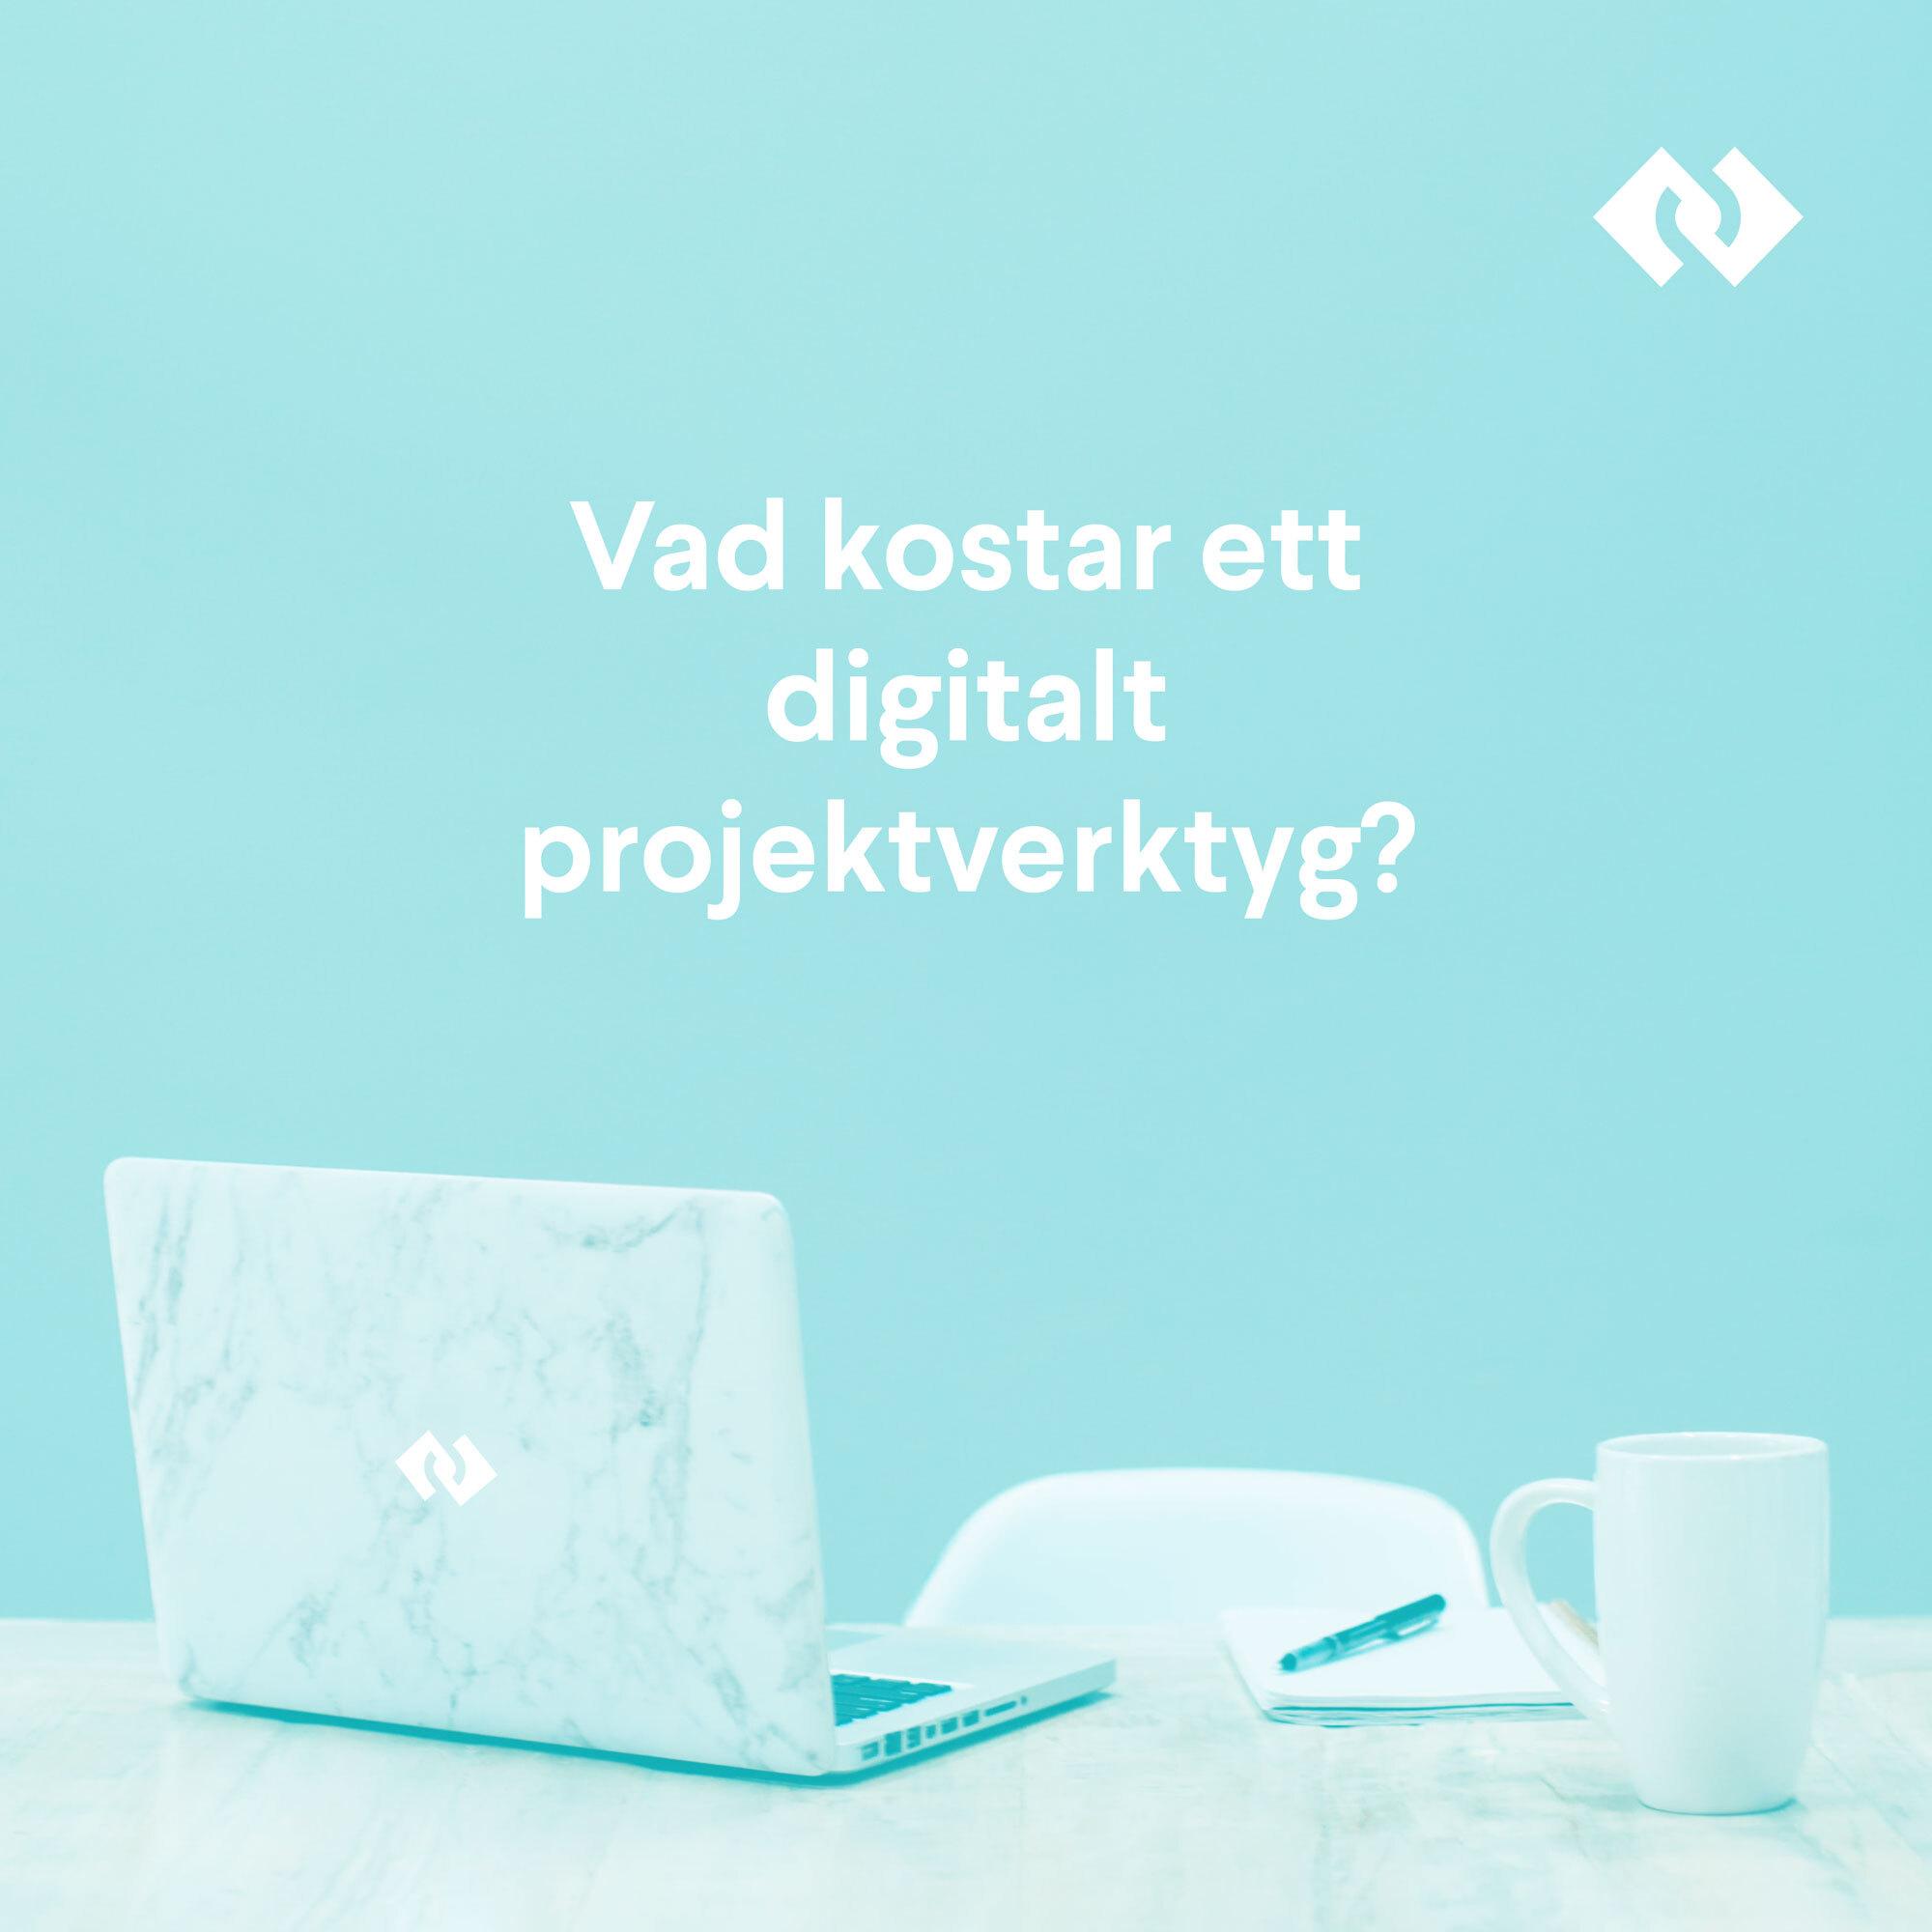 Vad kostar ett digitalt projektverktyg?